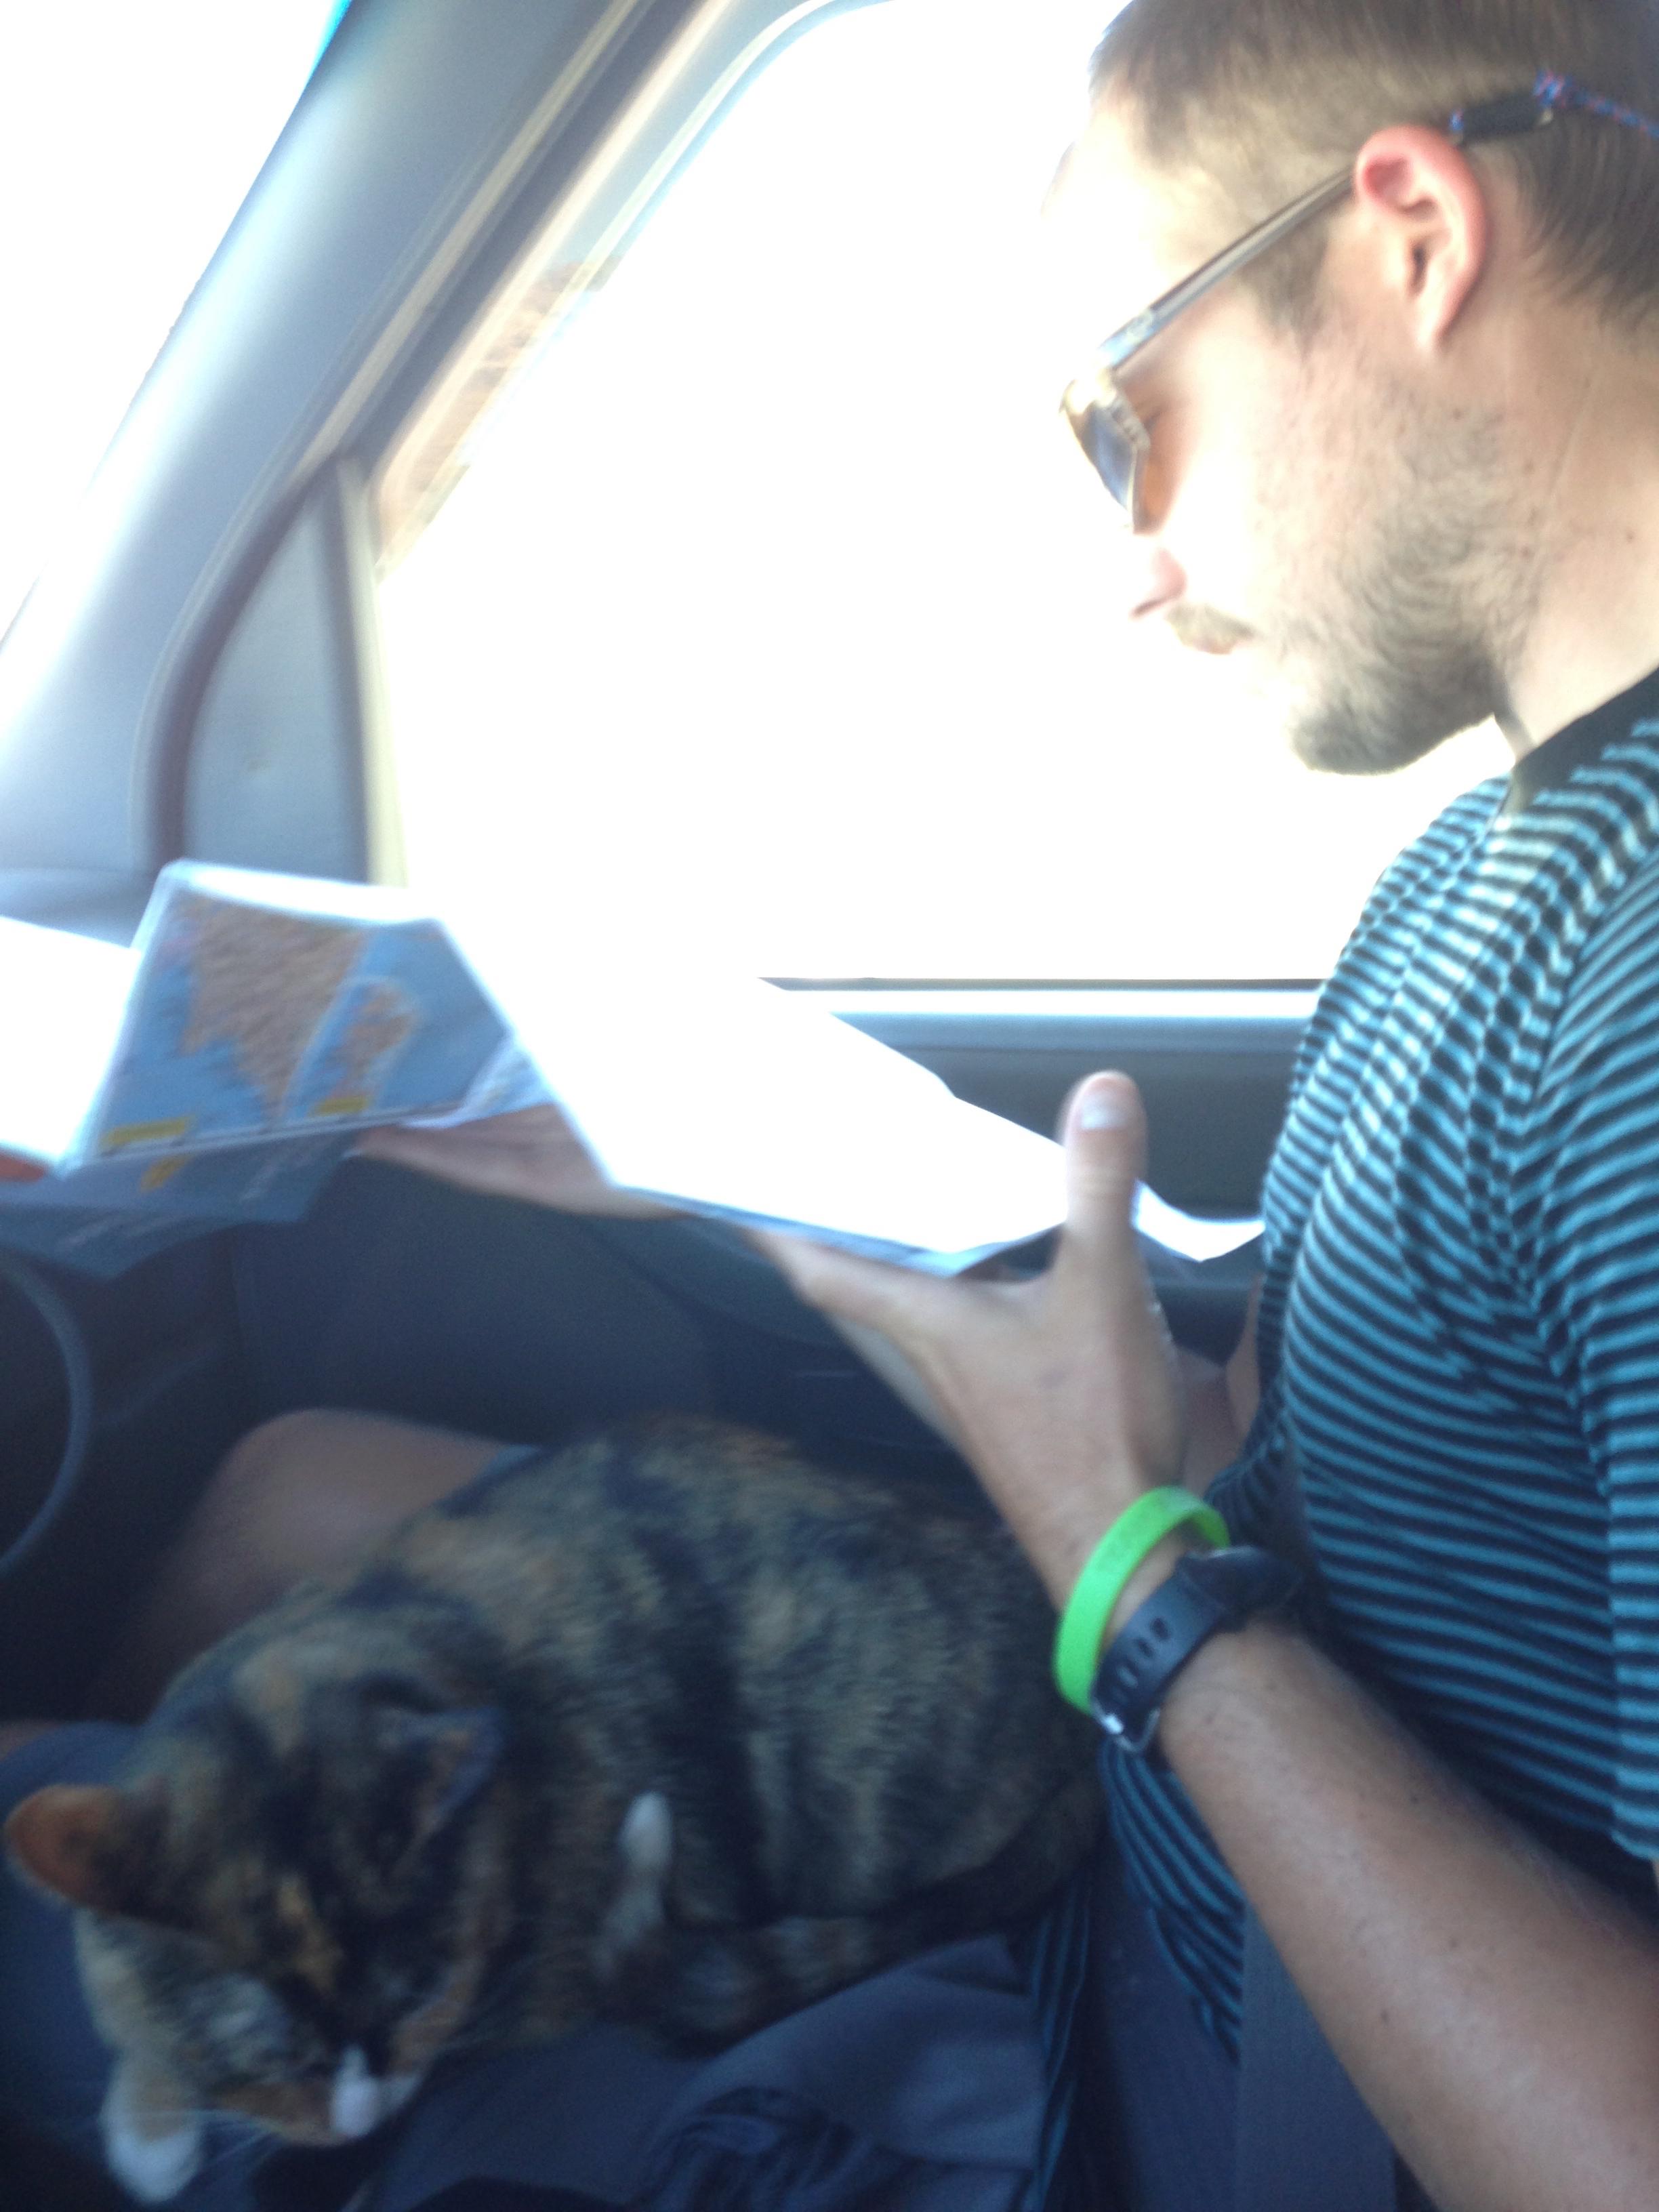 Loulou slacking on the job as navigator.